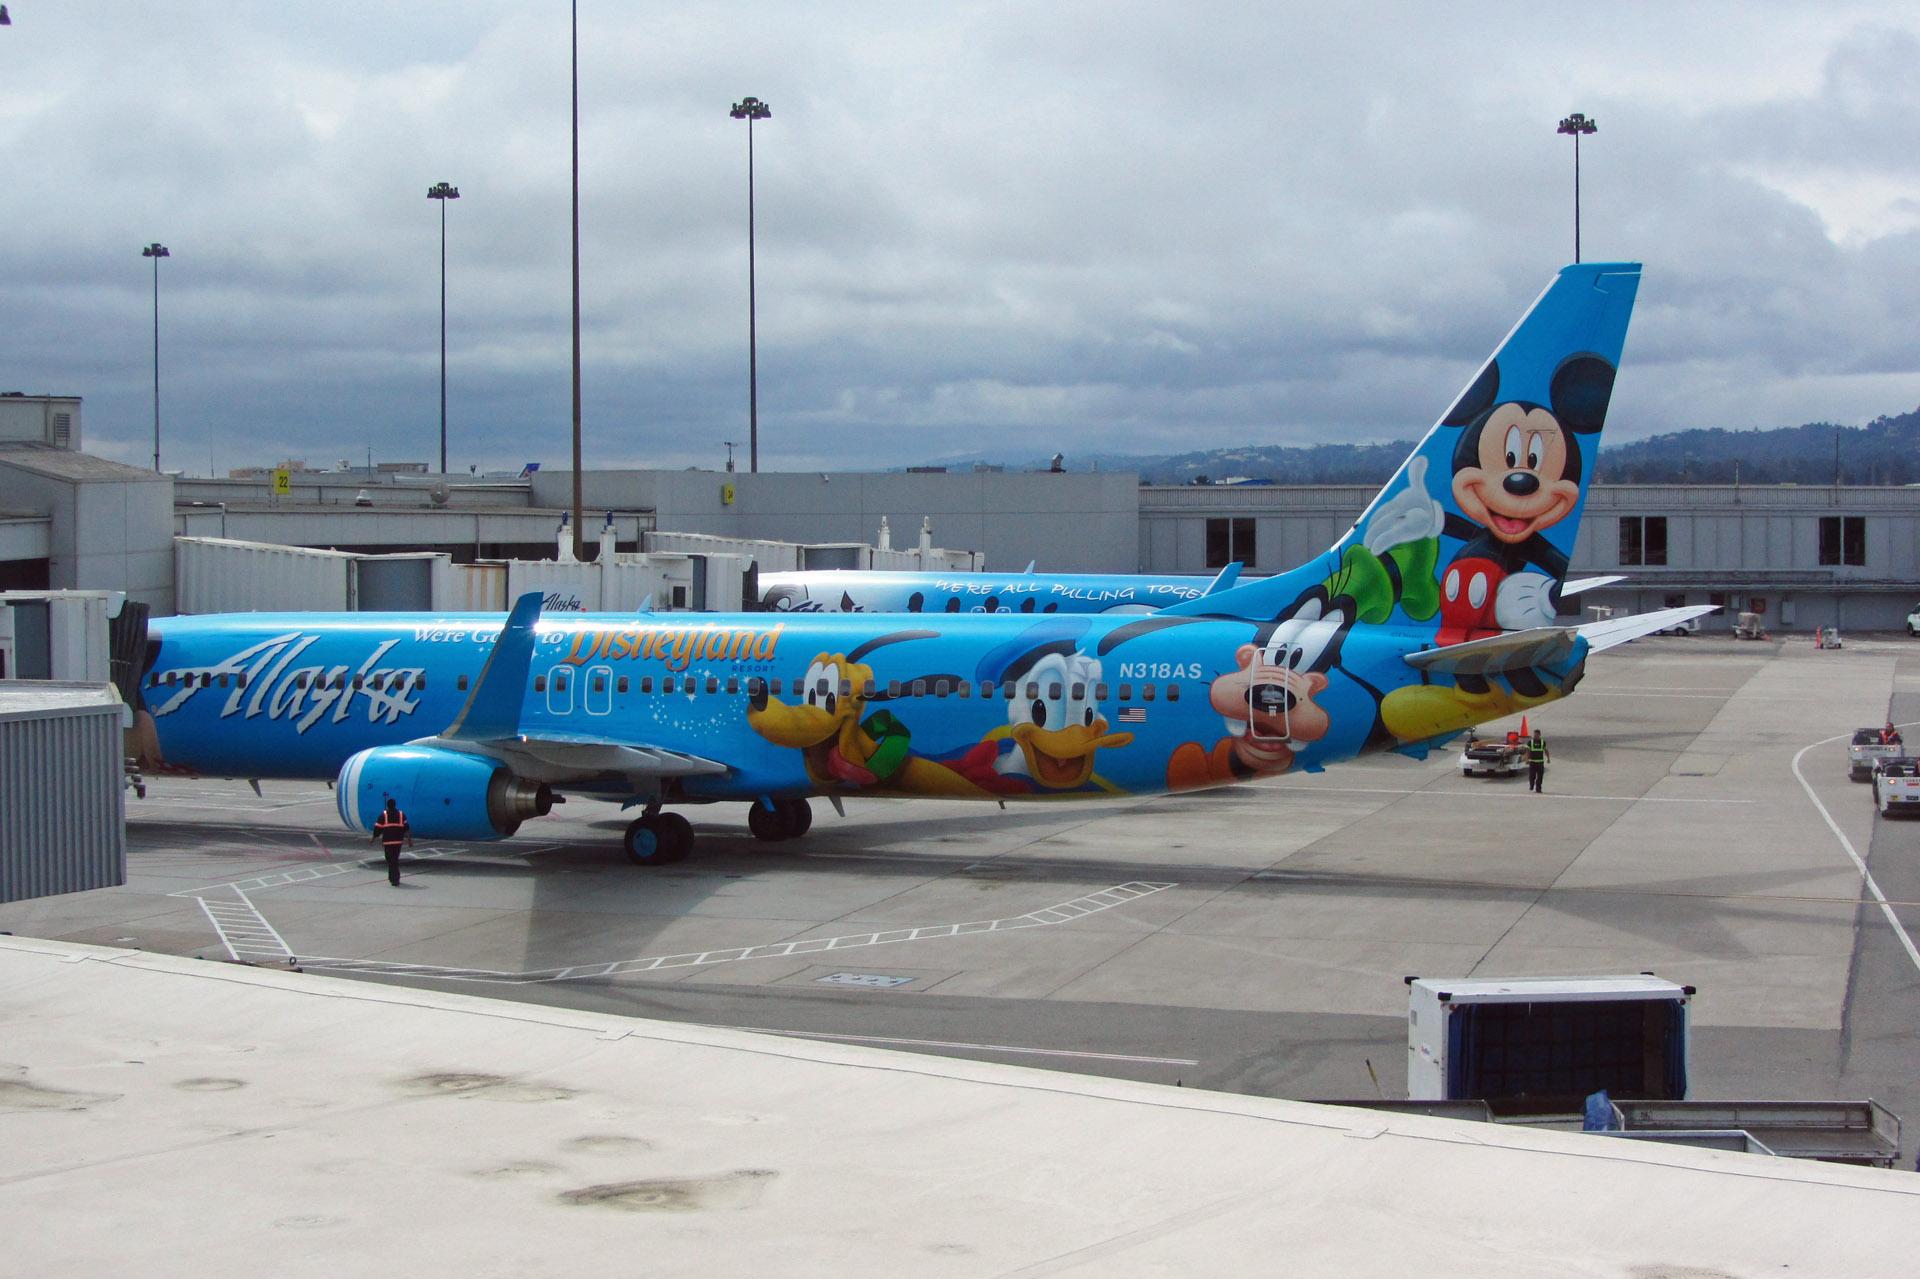 アラスカ航空のディズニー塗装機 - 夫婦で飛行機三昧